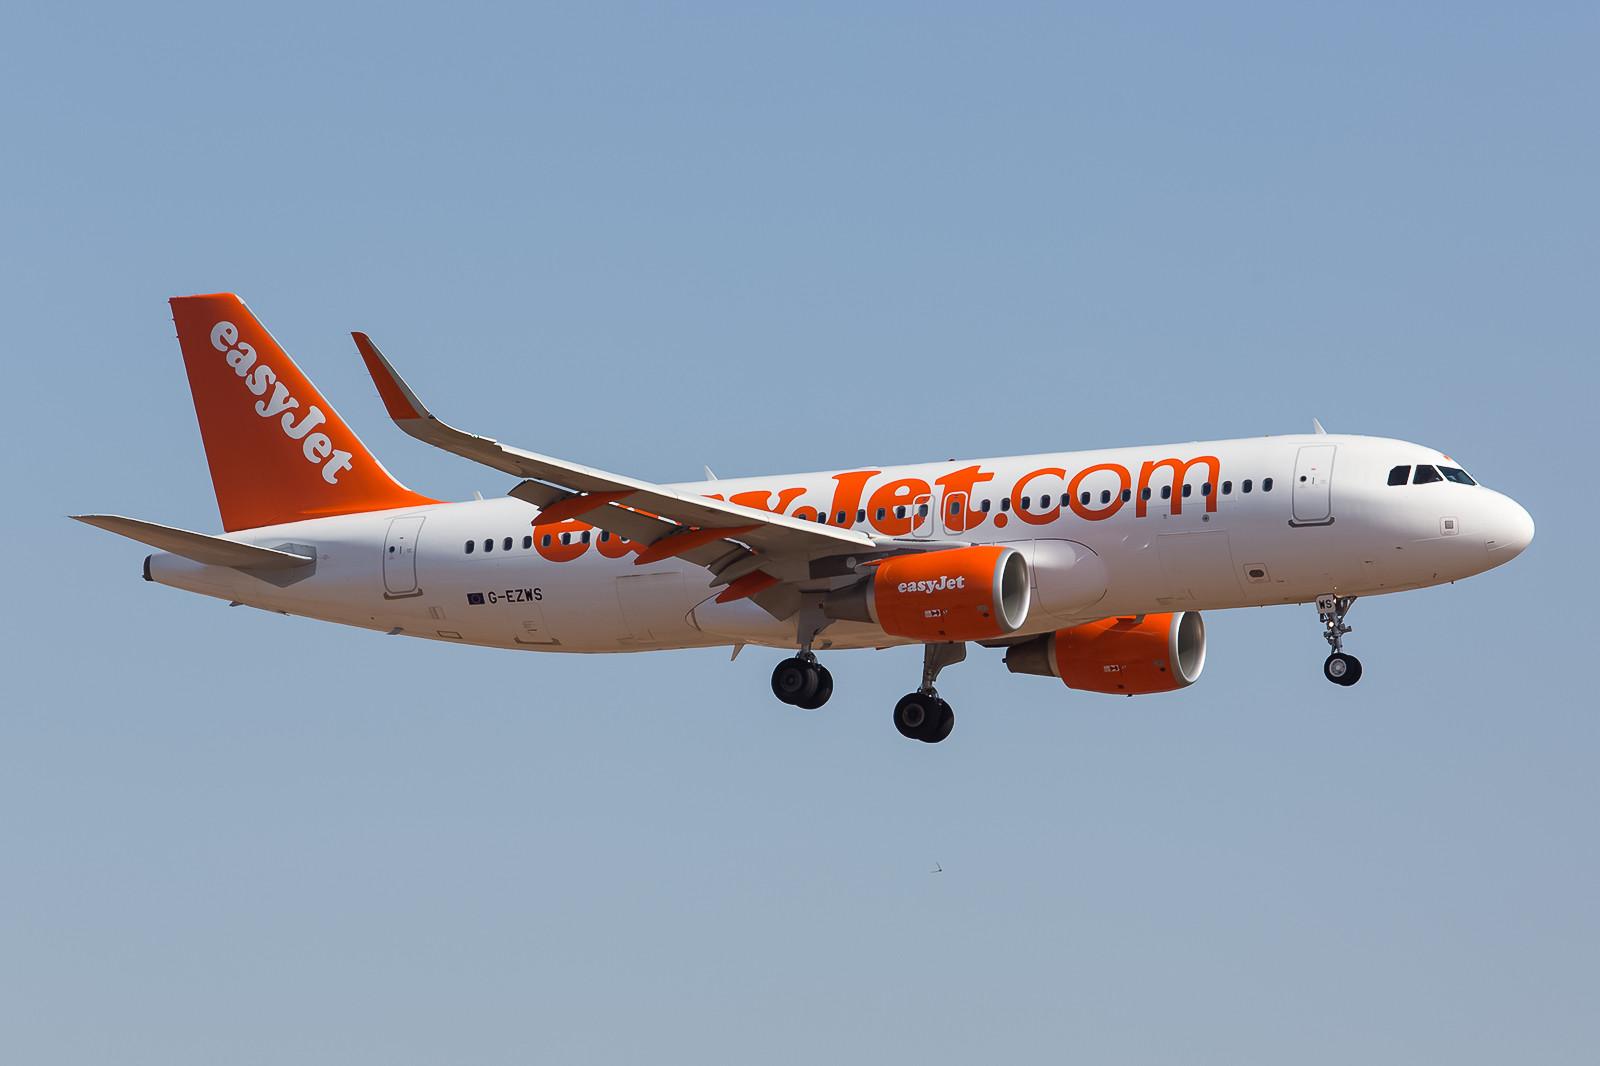 Einige Dinge bekommt man immer dort zuerst, wo man nicht mit ihnen rechnet. Easyjet Airbus A320 mit Sharklets.